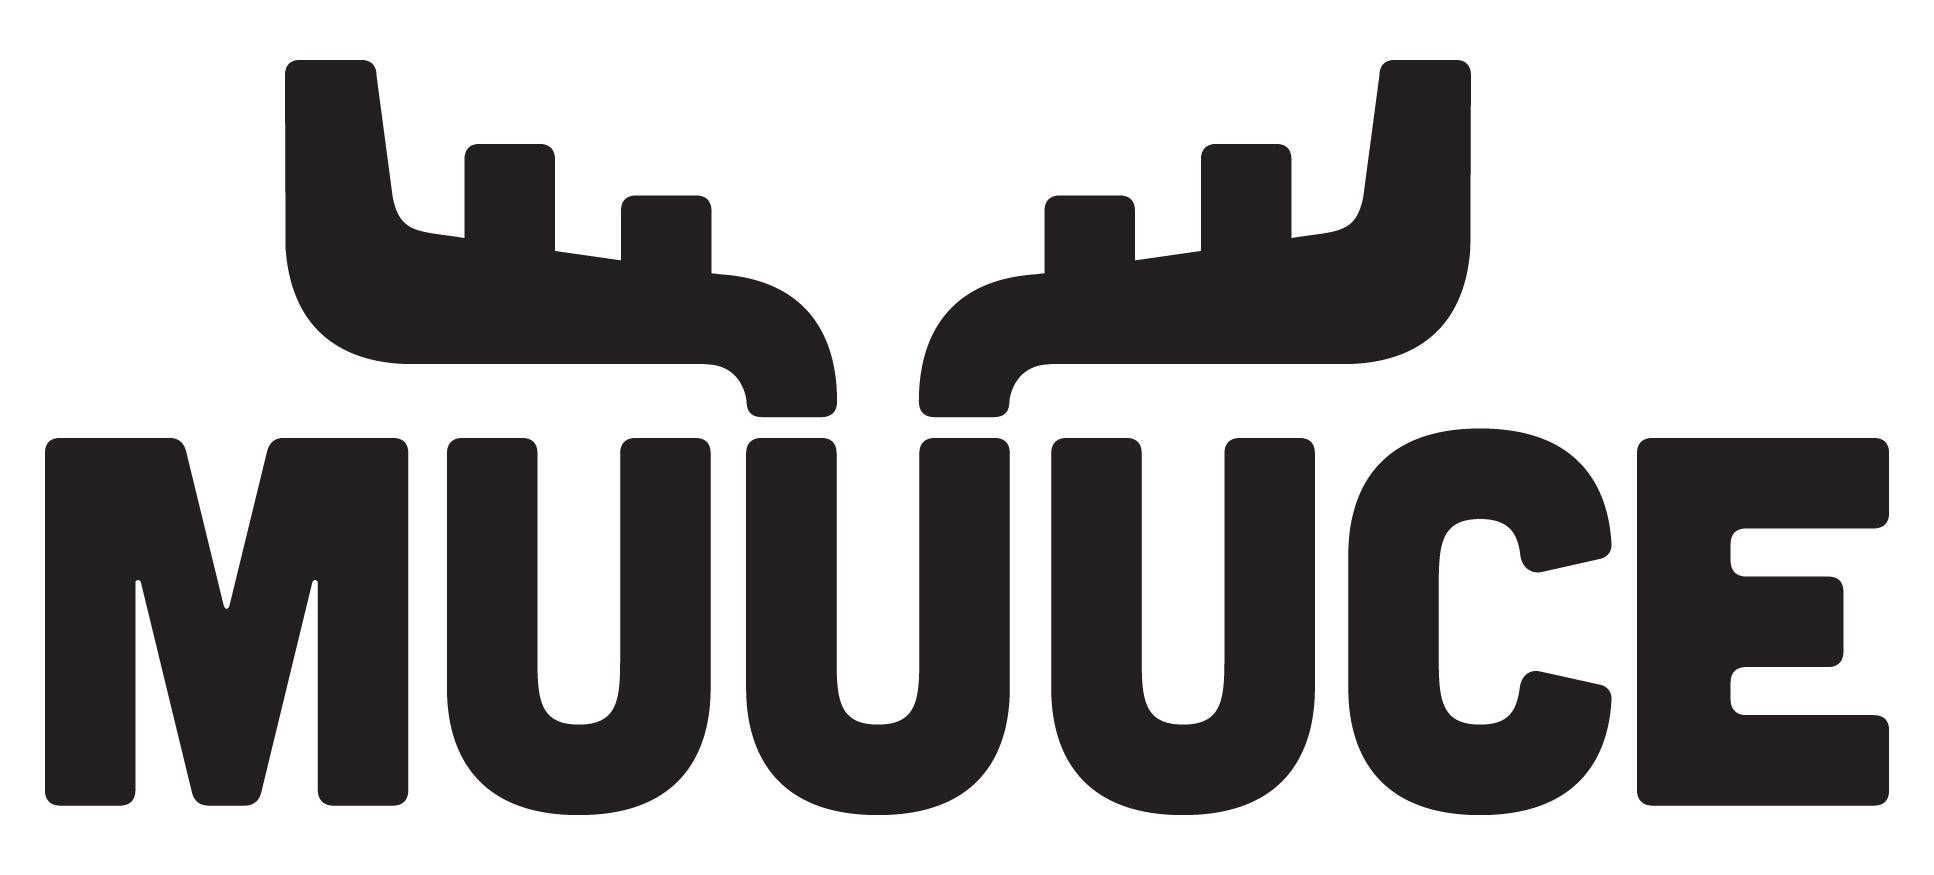 Nwc muuuce logo black